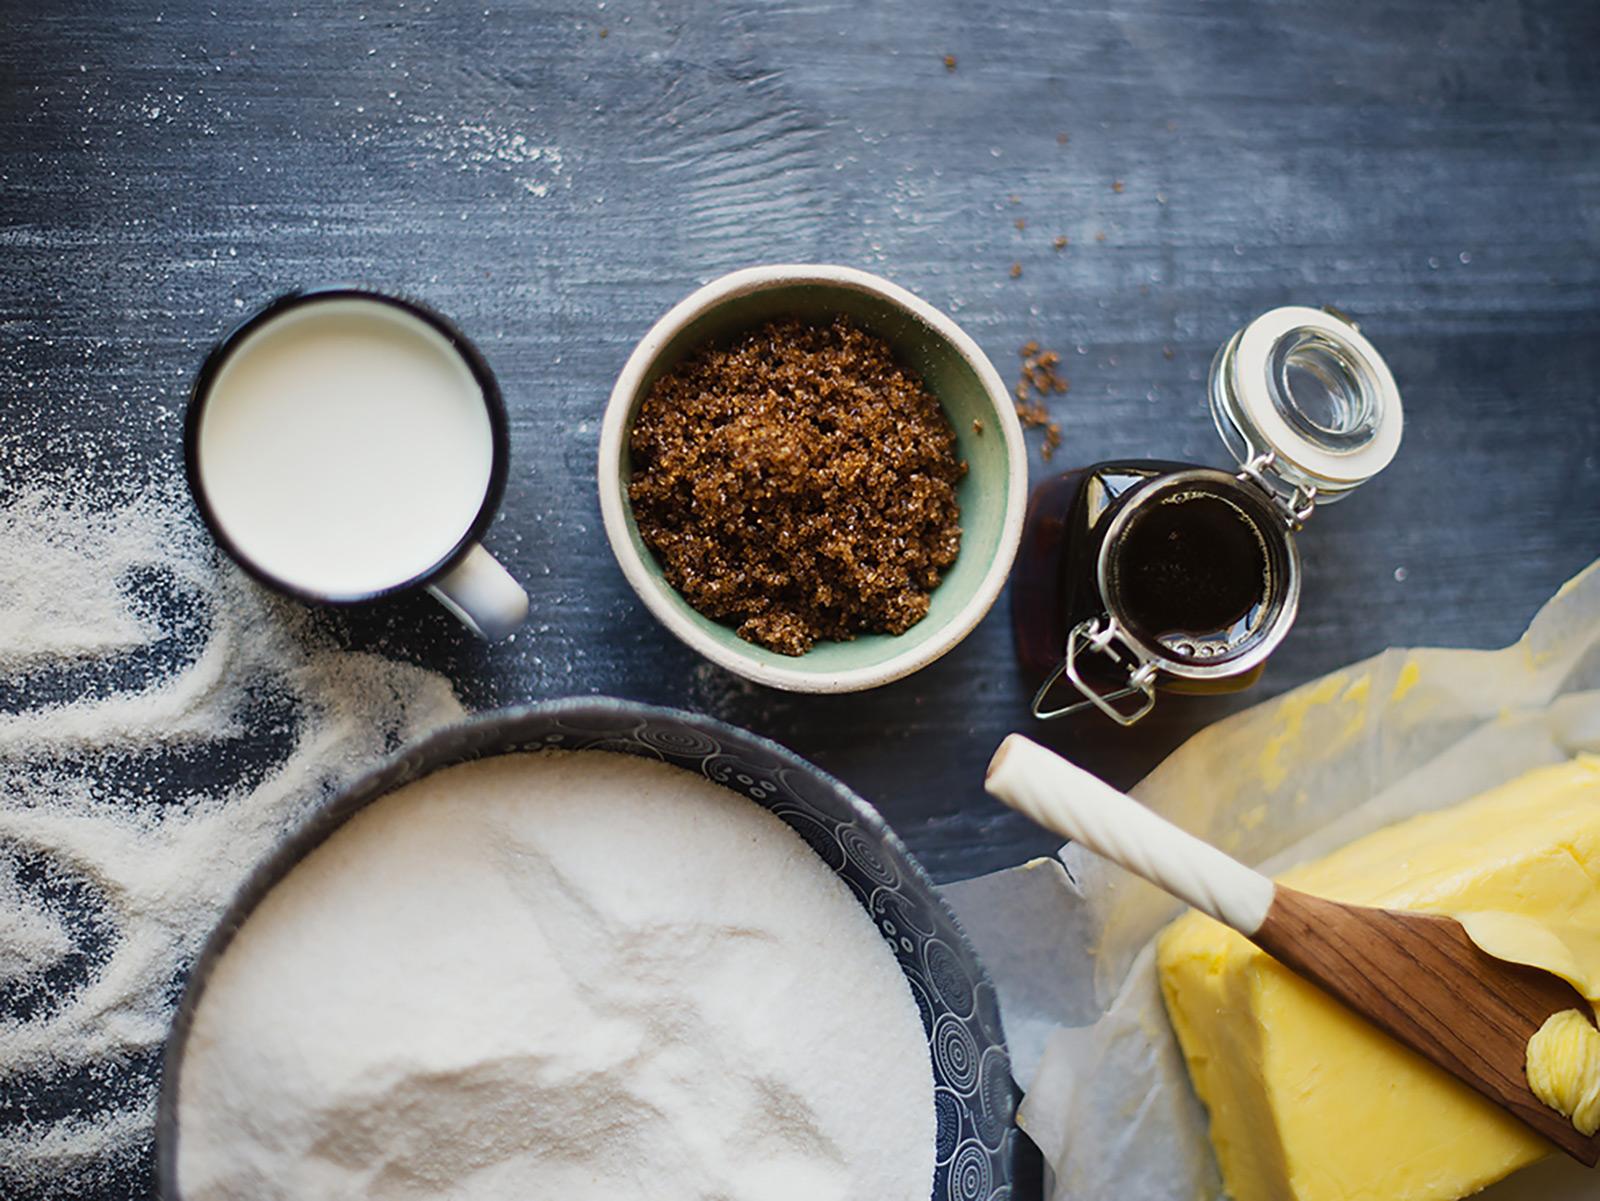 mealie-pap-ingredients.jpg